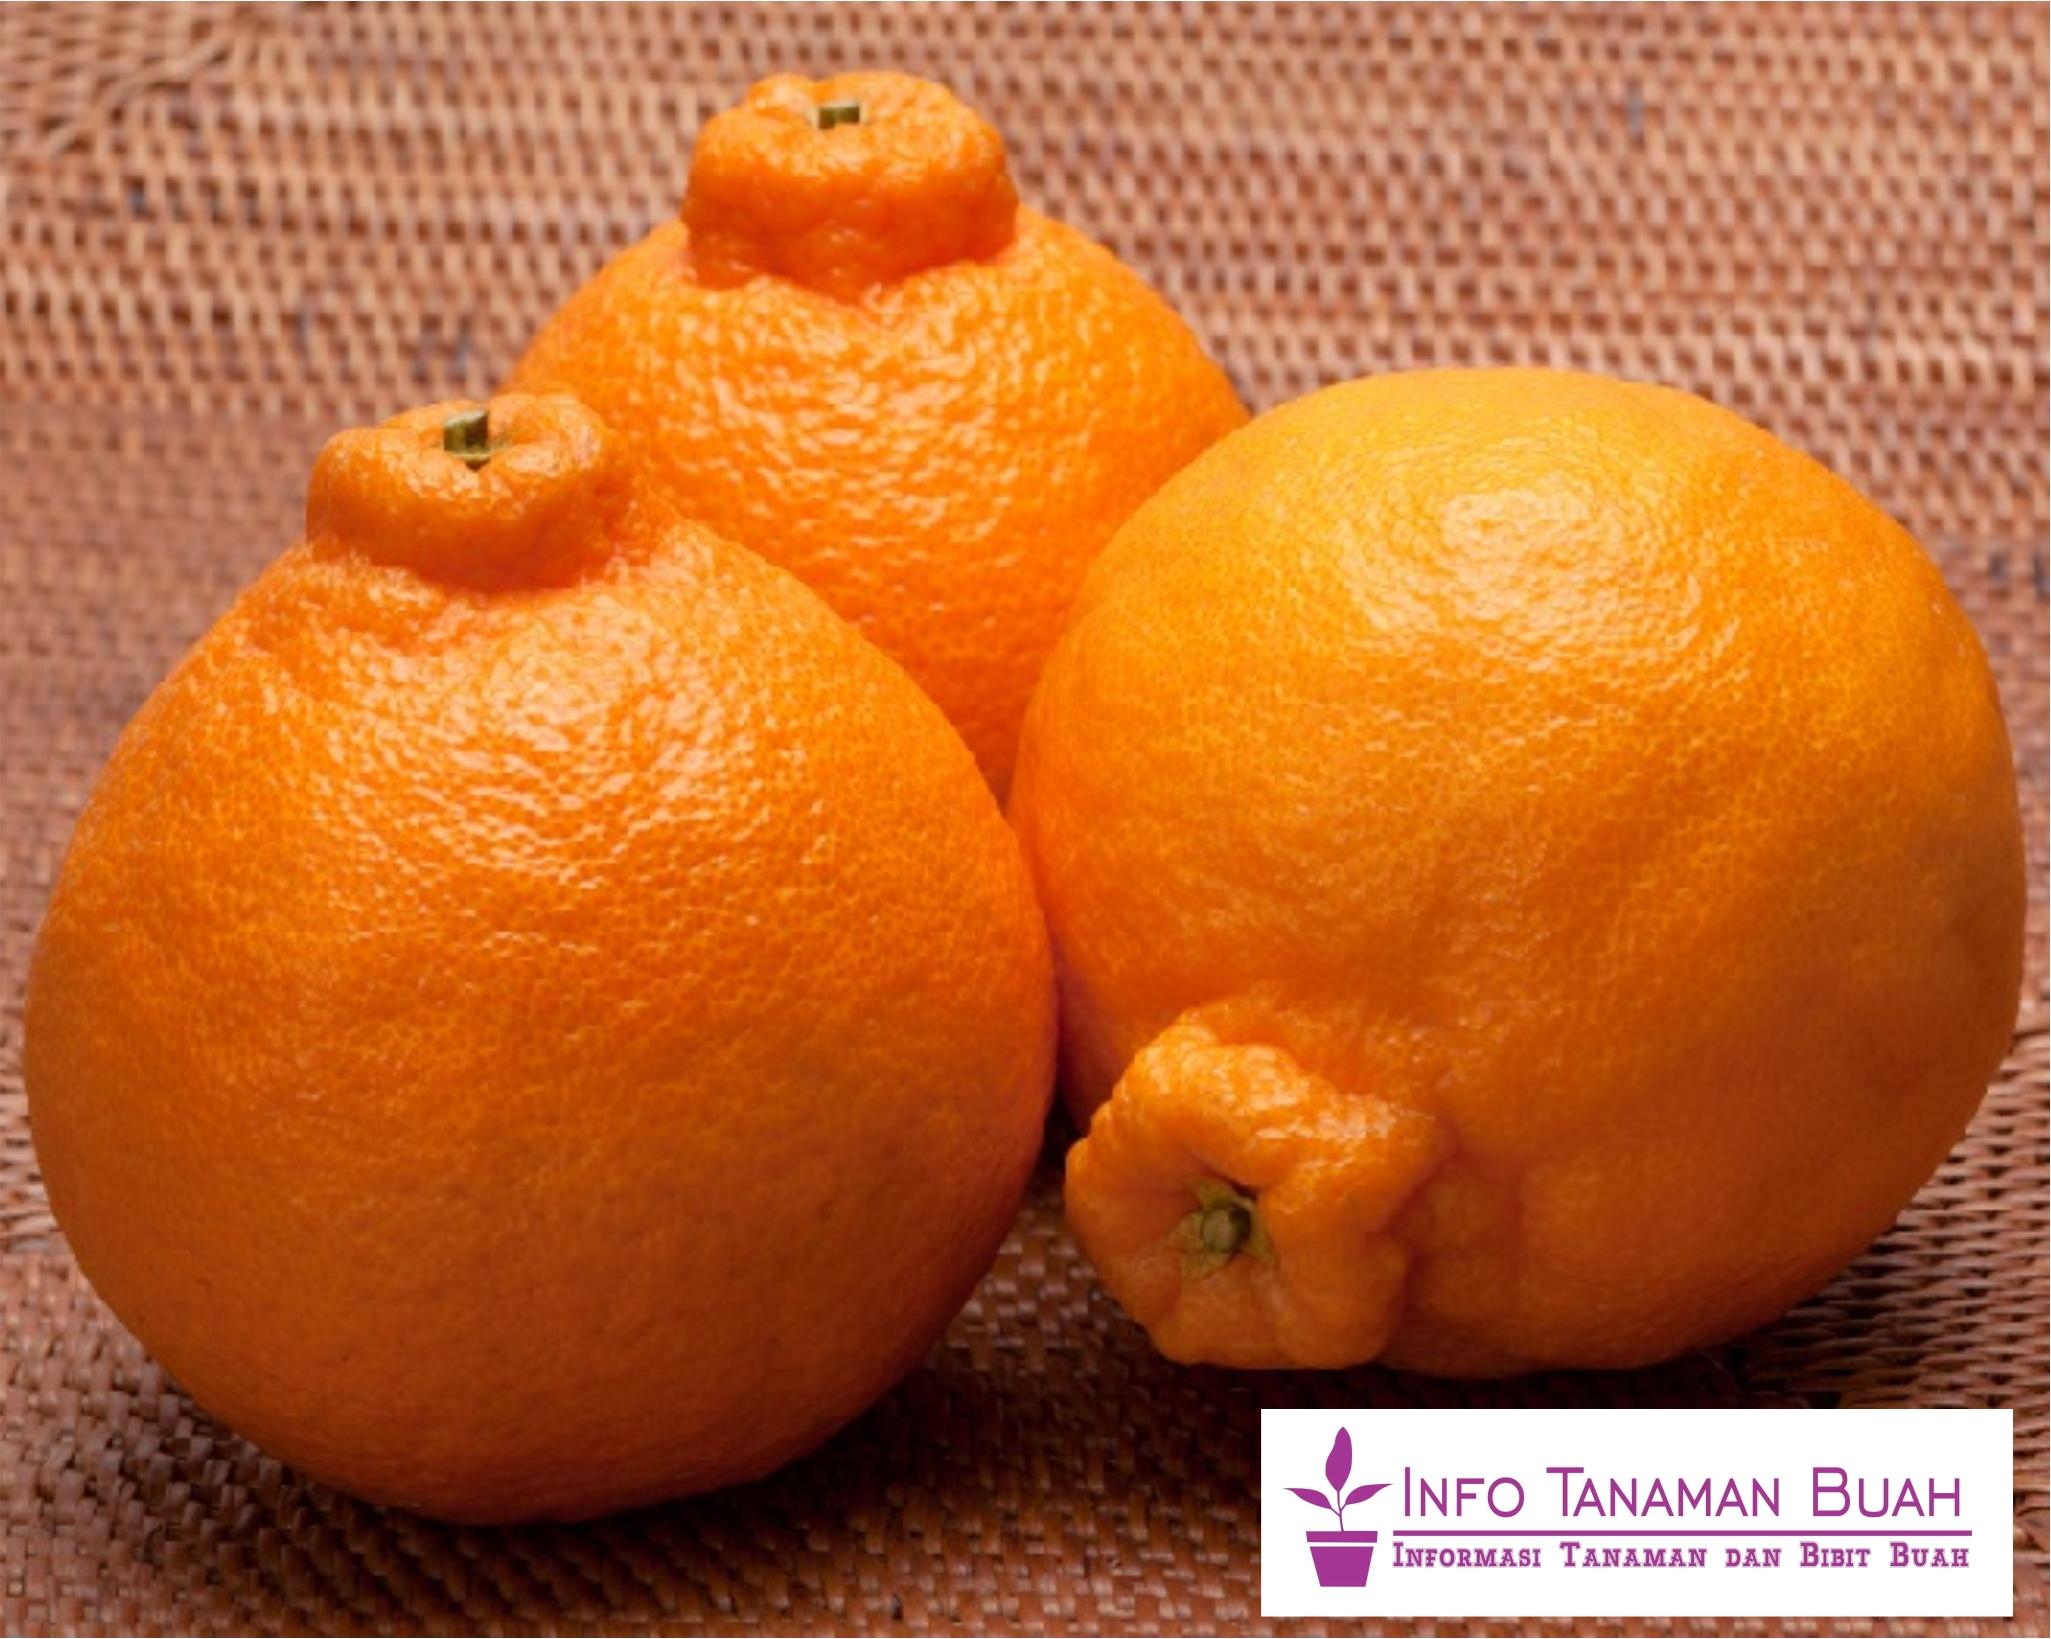 Bibit Jeruk Dekopon – Jeruk Asal Jepang Dengan Bentuk Buah Bulat dan Berbenjol pada Bagian Tangkai, Ukuran Besar, Warna Orange Mencolok dan Sangat Manis